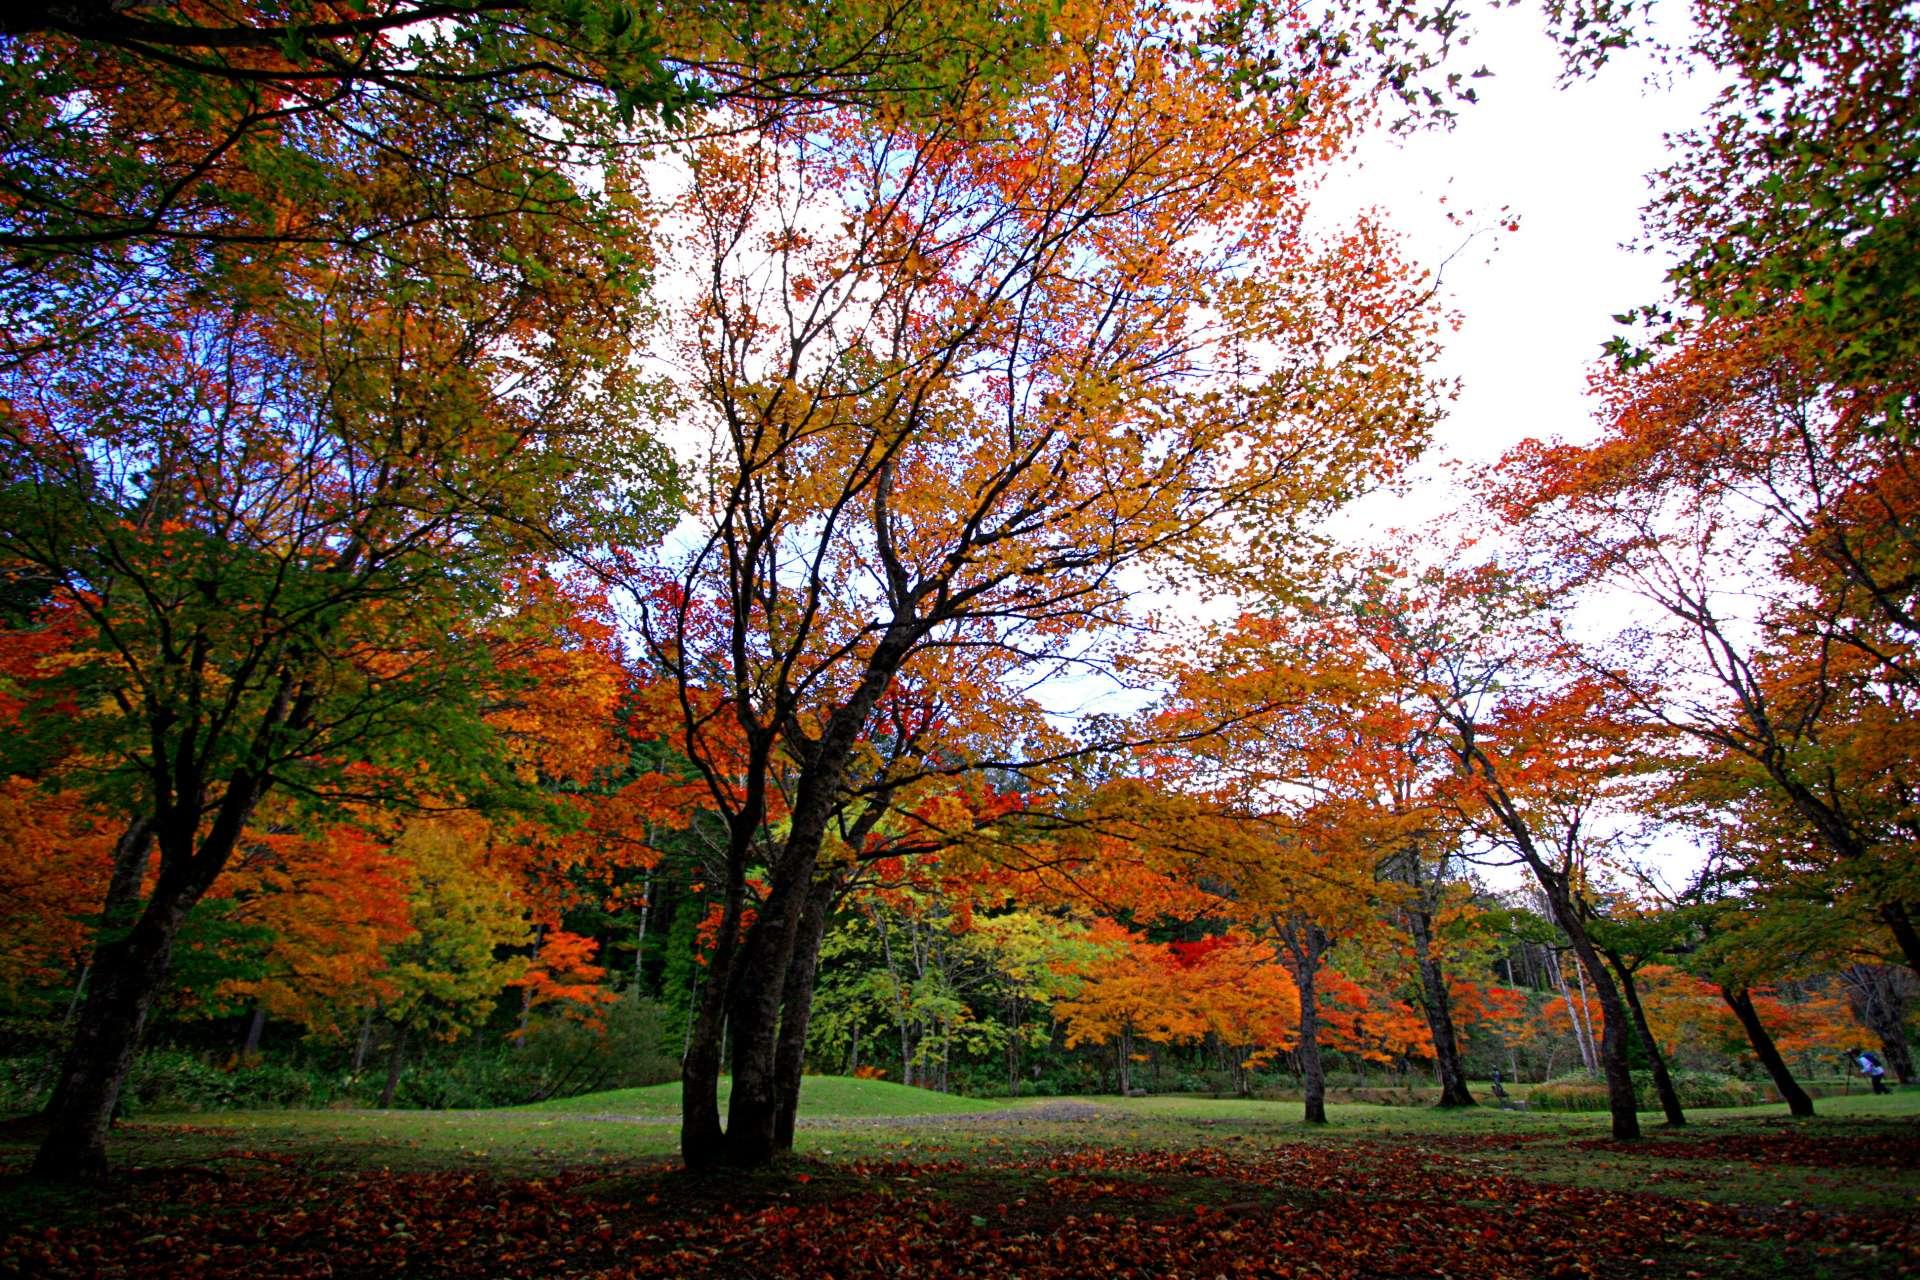 福原山荘 艷麗的楓葉